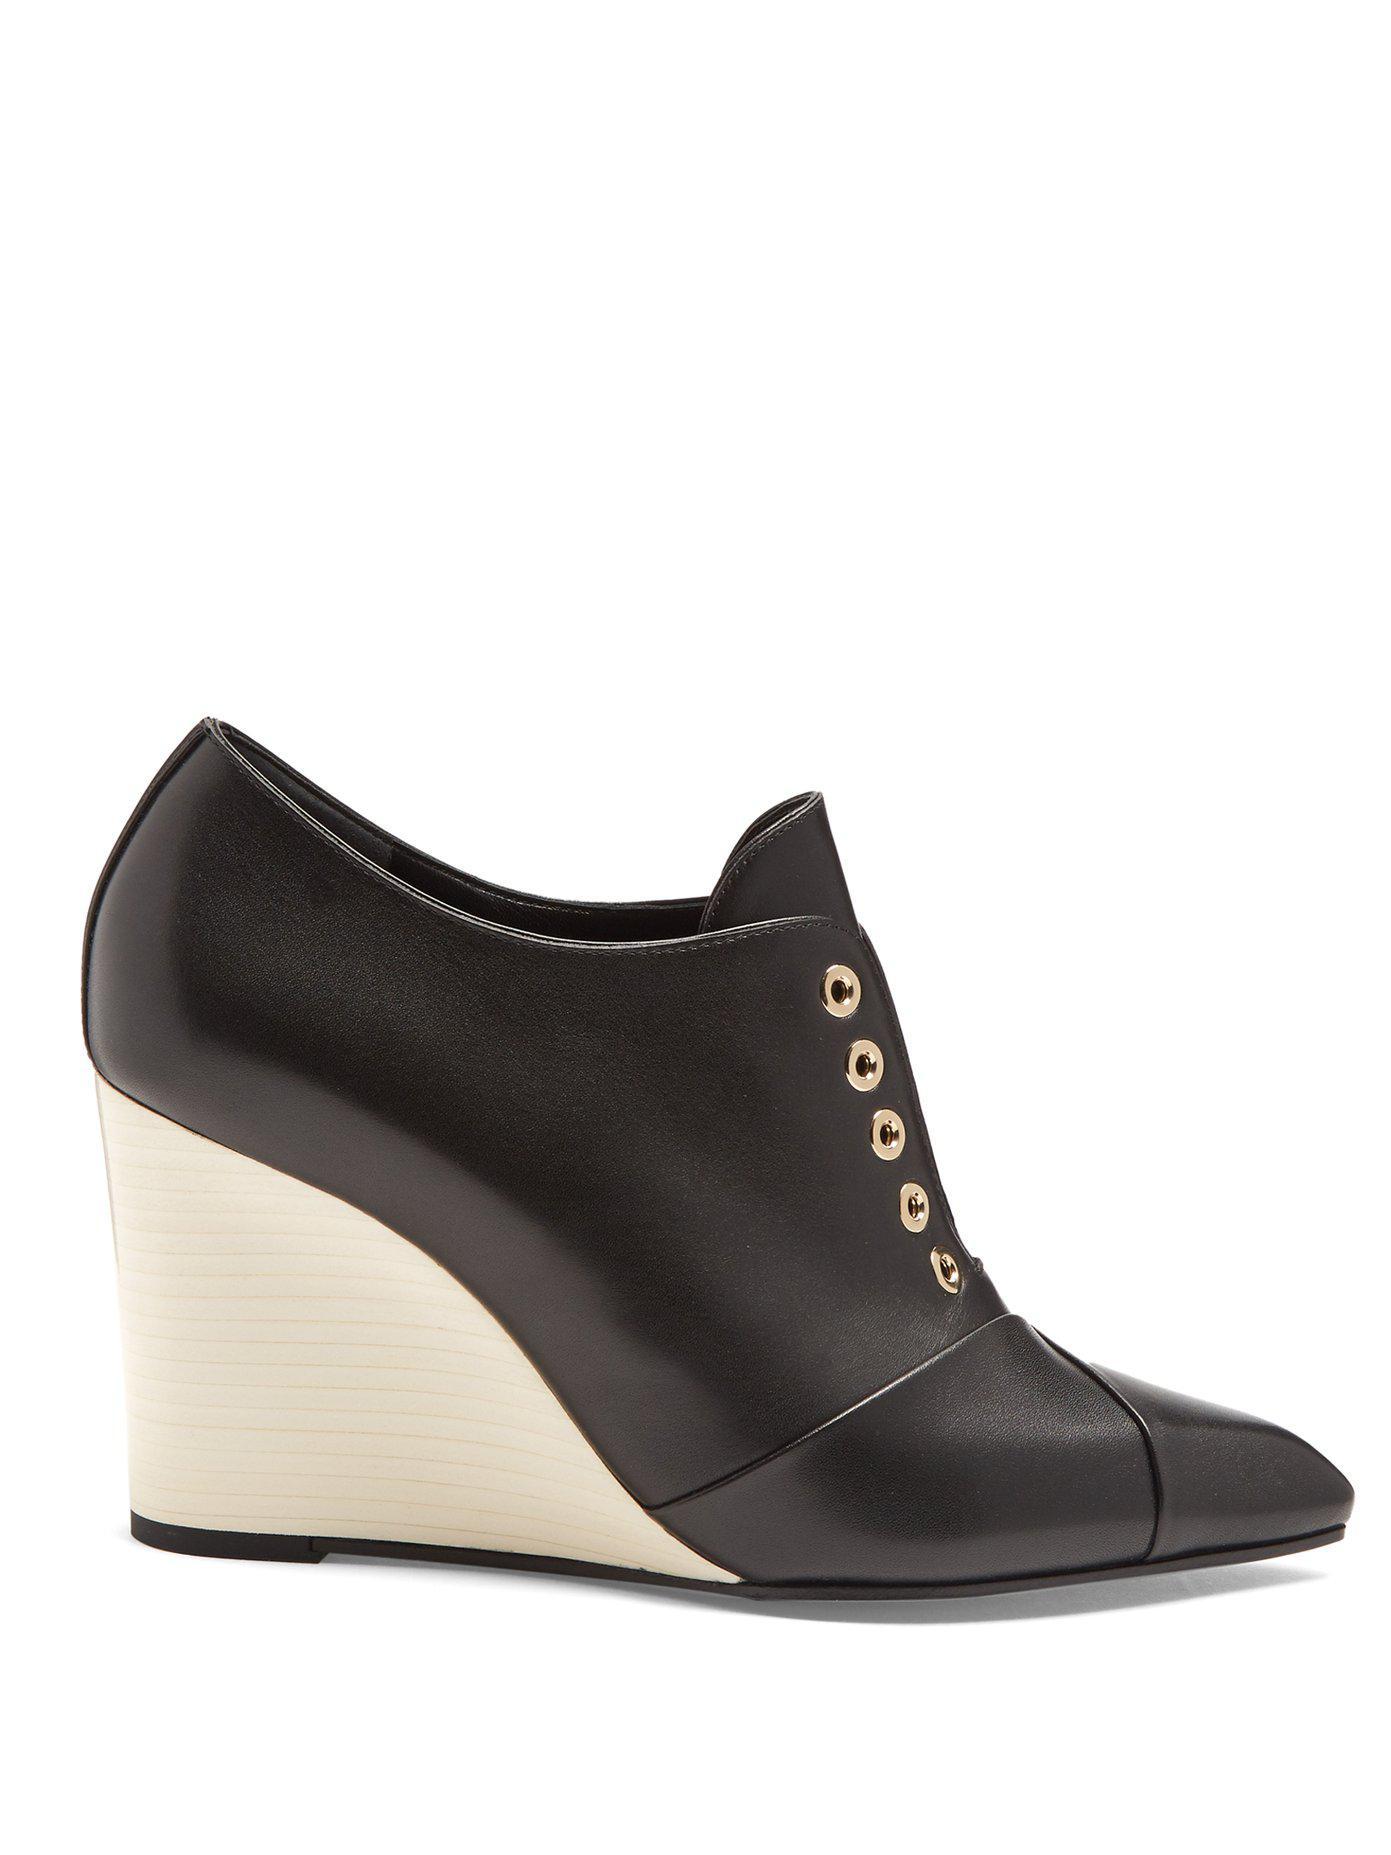 Bonne Vente Femme Bottines Bocage RACHEL Marron Chaussures 478